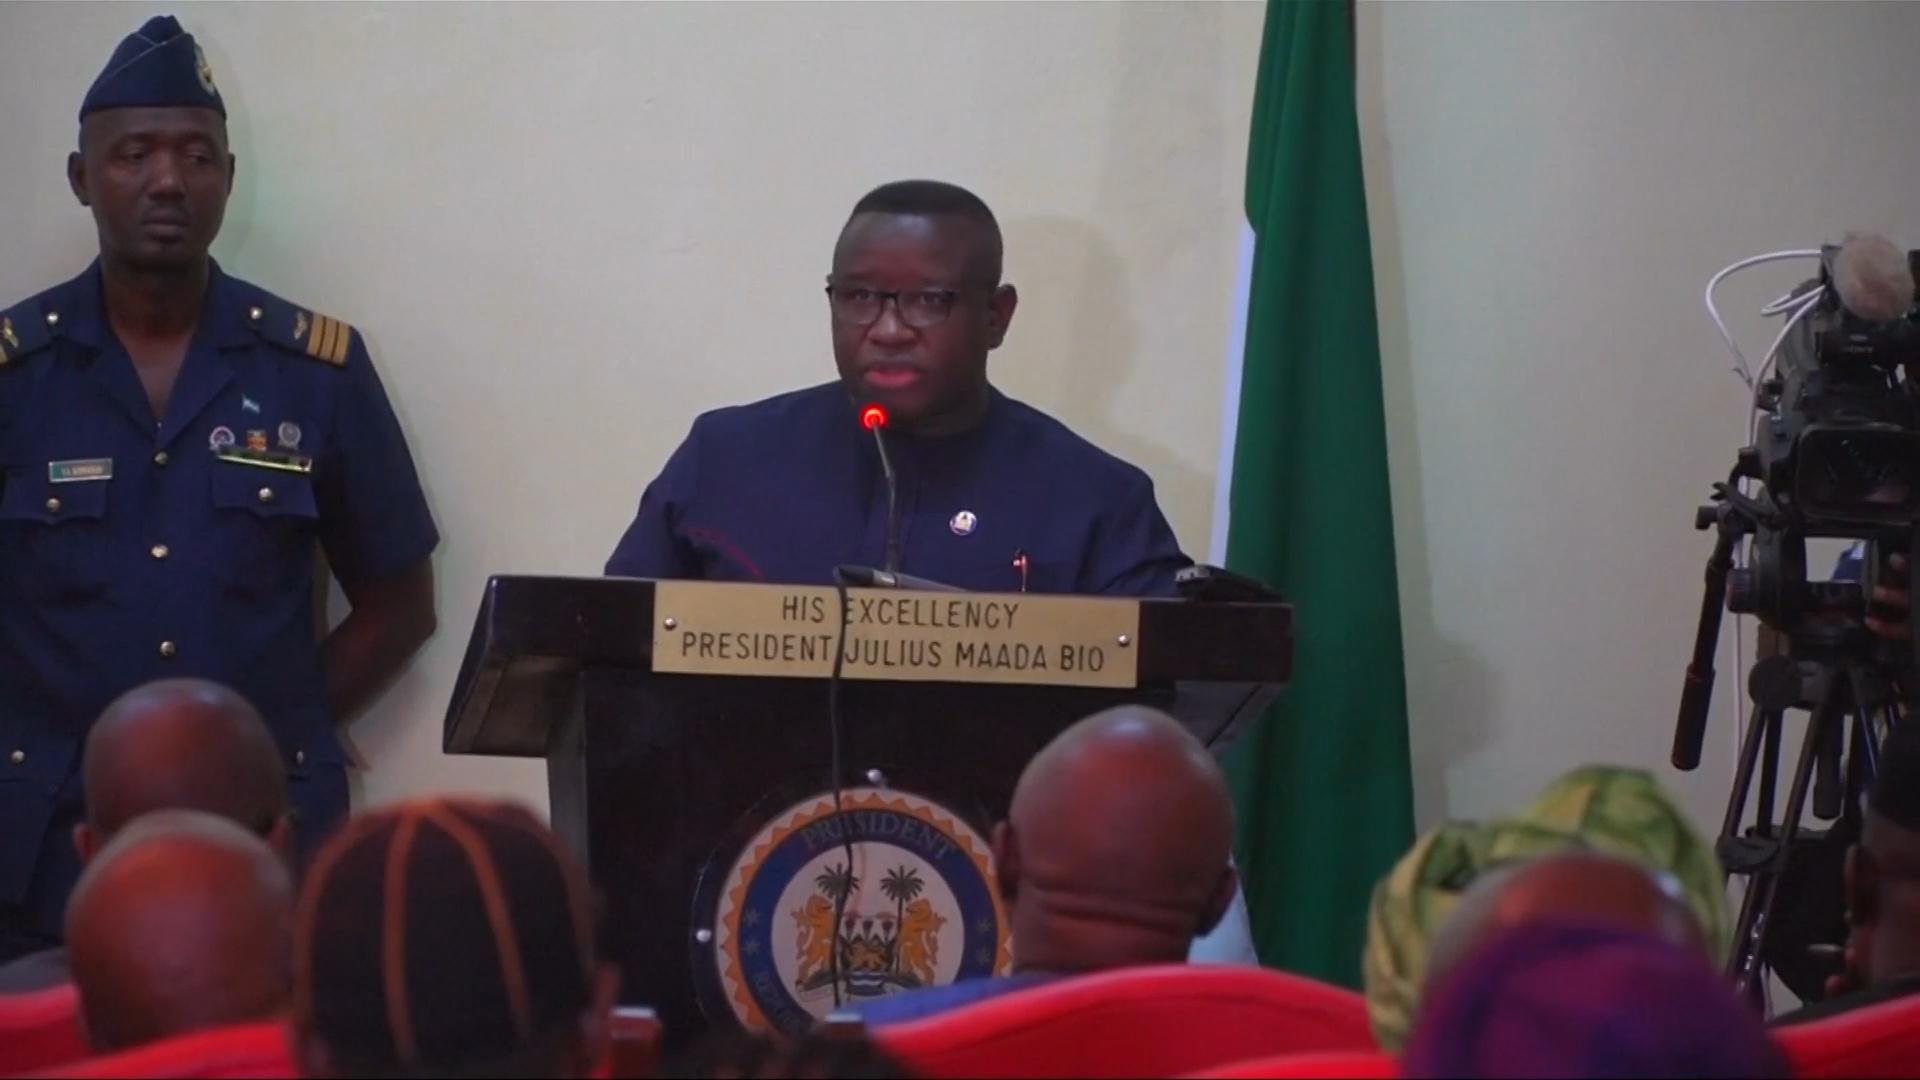 President Julius Maada Bio delcared a national emergency on February 7. ( Global News )